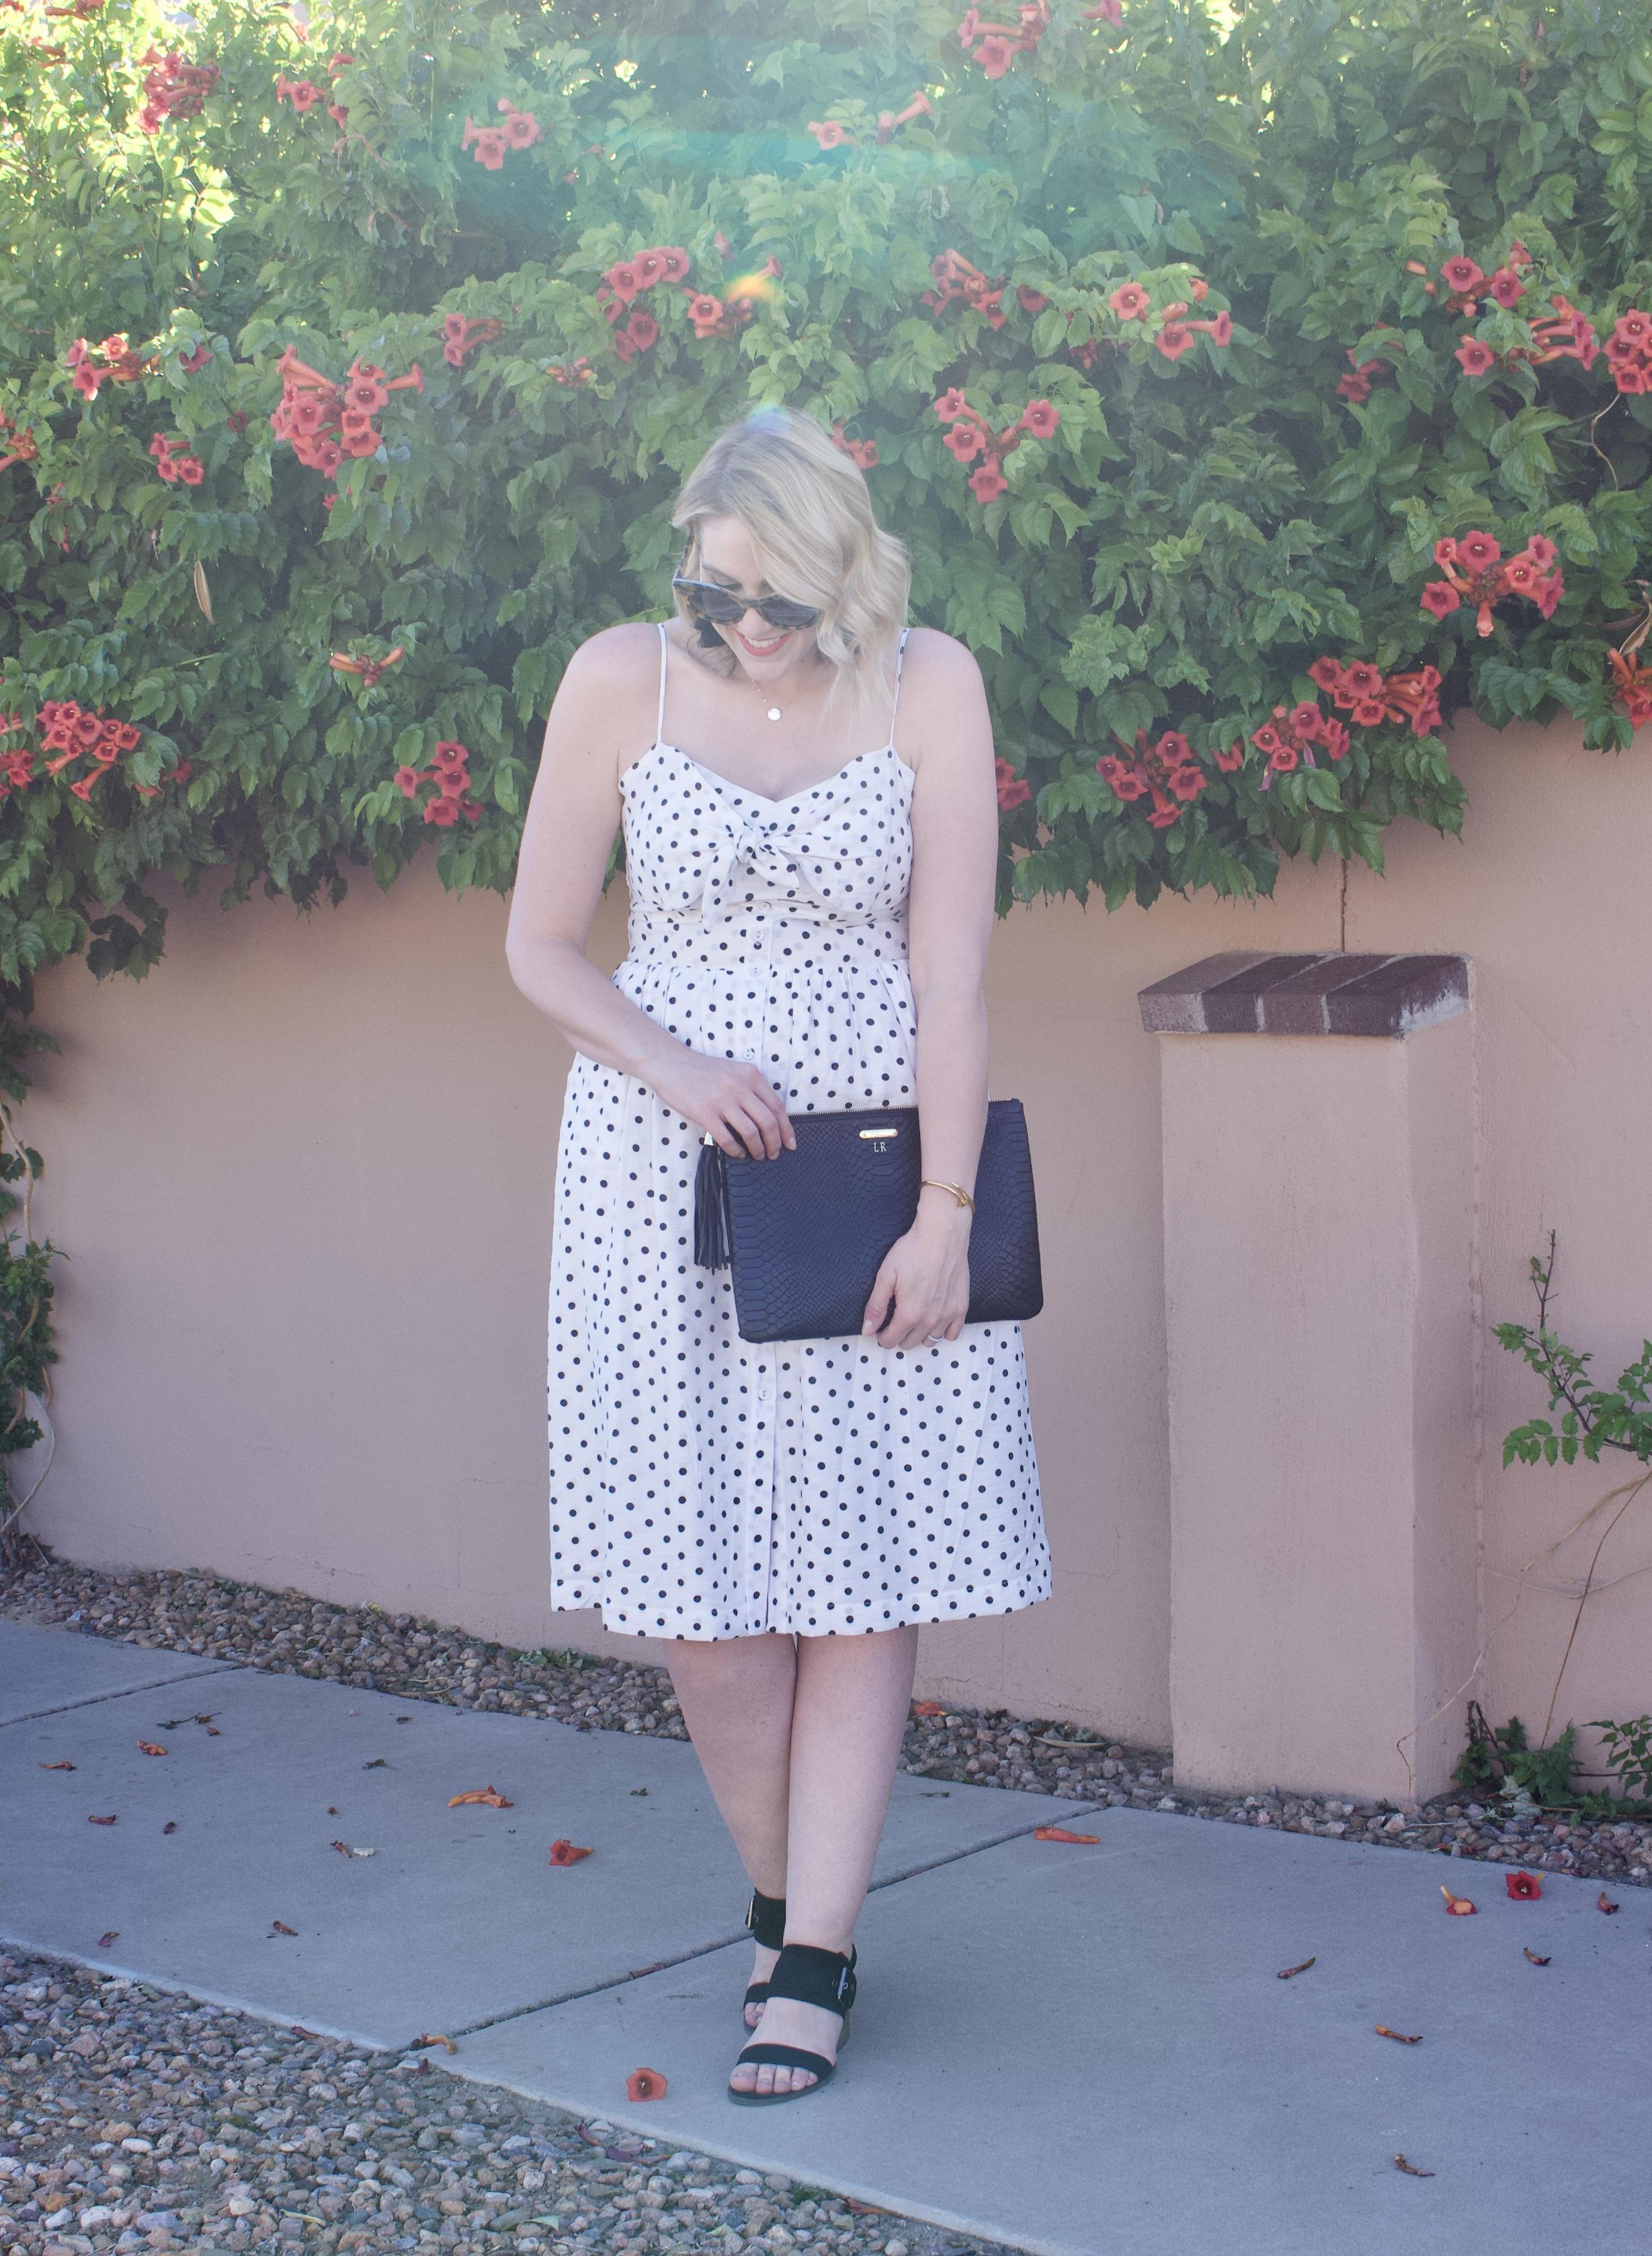 polka dot midi dress date night style #datenight #mididress #fashionlinkup #fashionblogger